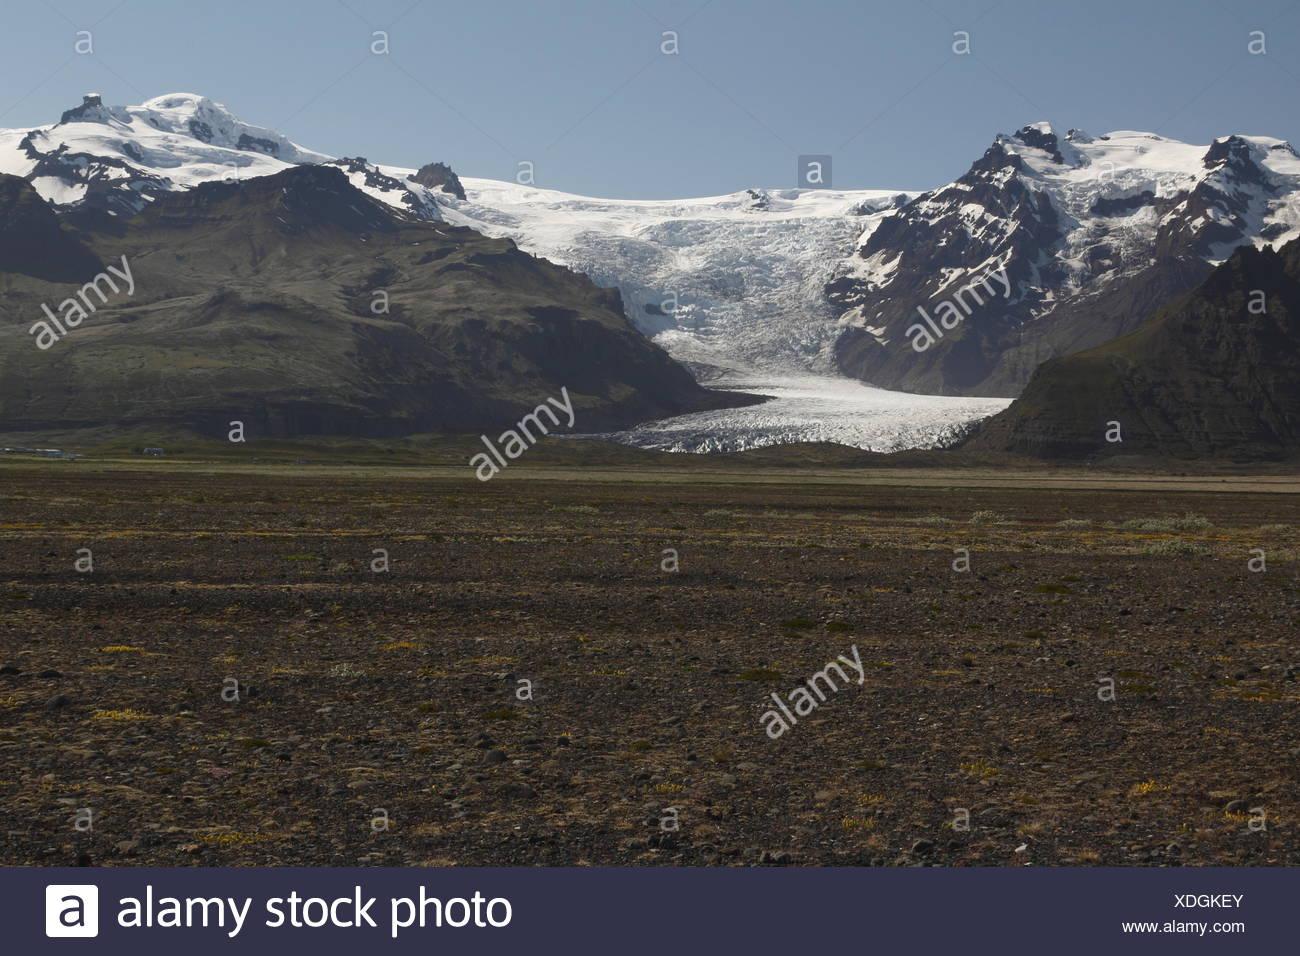 Hvannadalshnúkur and Svínafellsjökull. Hvannadalshnúkur (2110m) is the highest peak in Iceland. Svínafellsjökull is one of - Stock Image